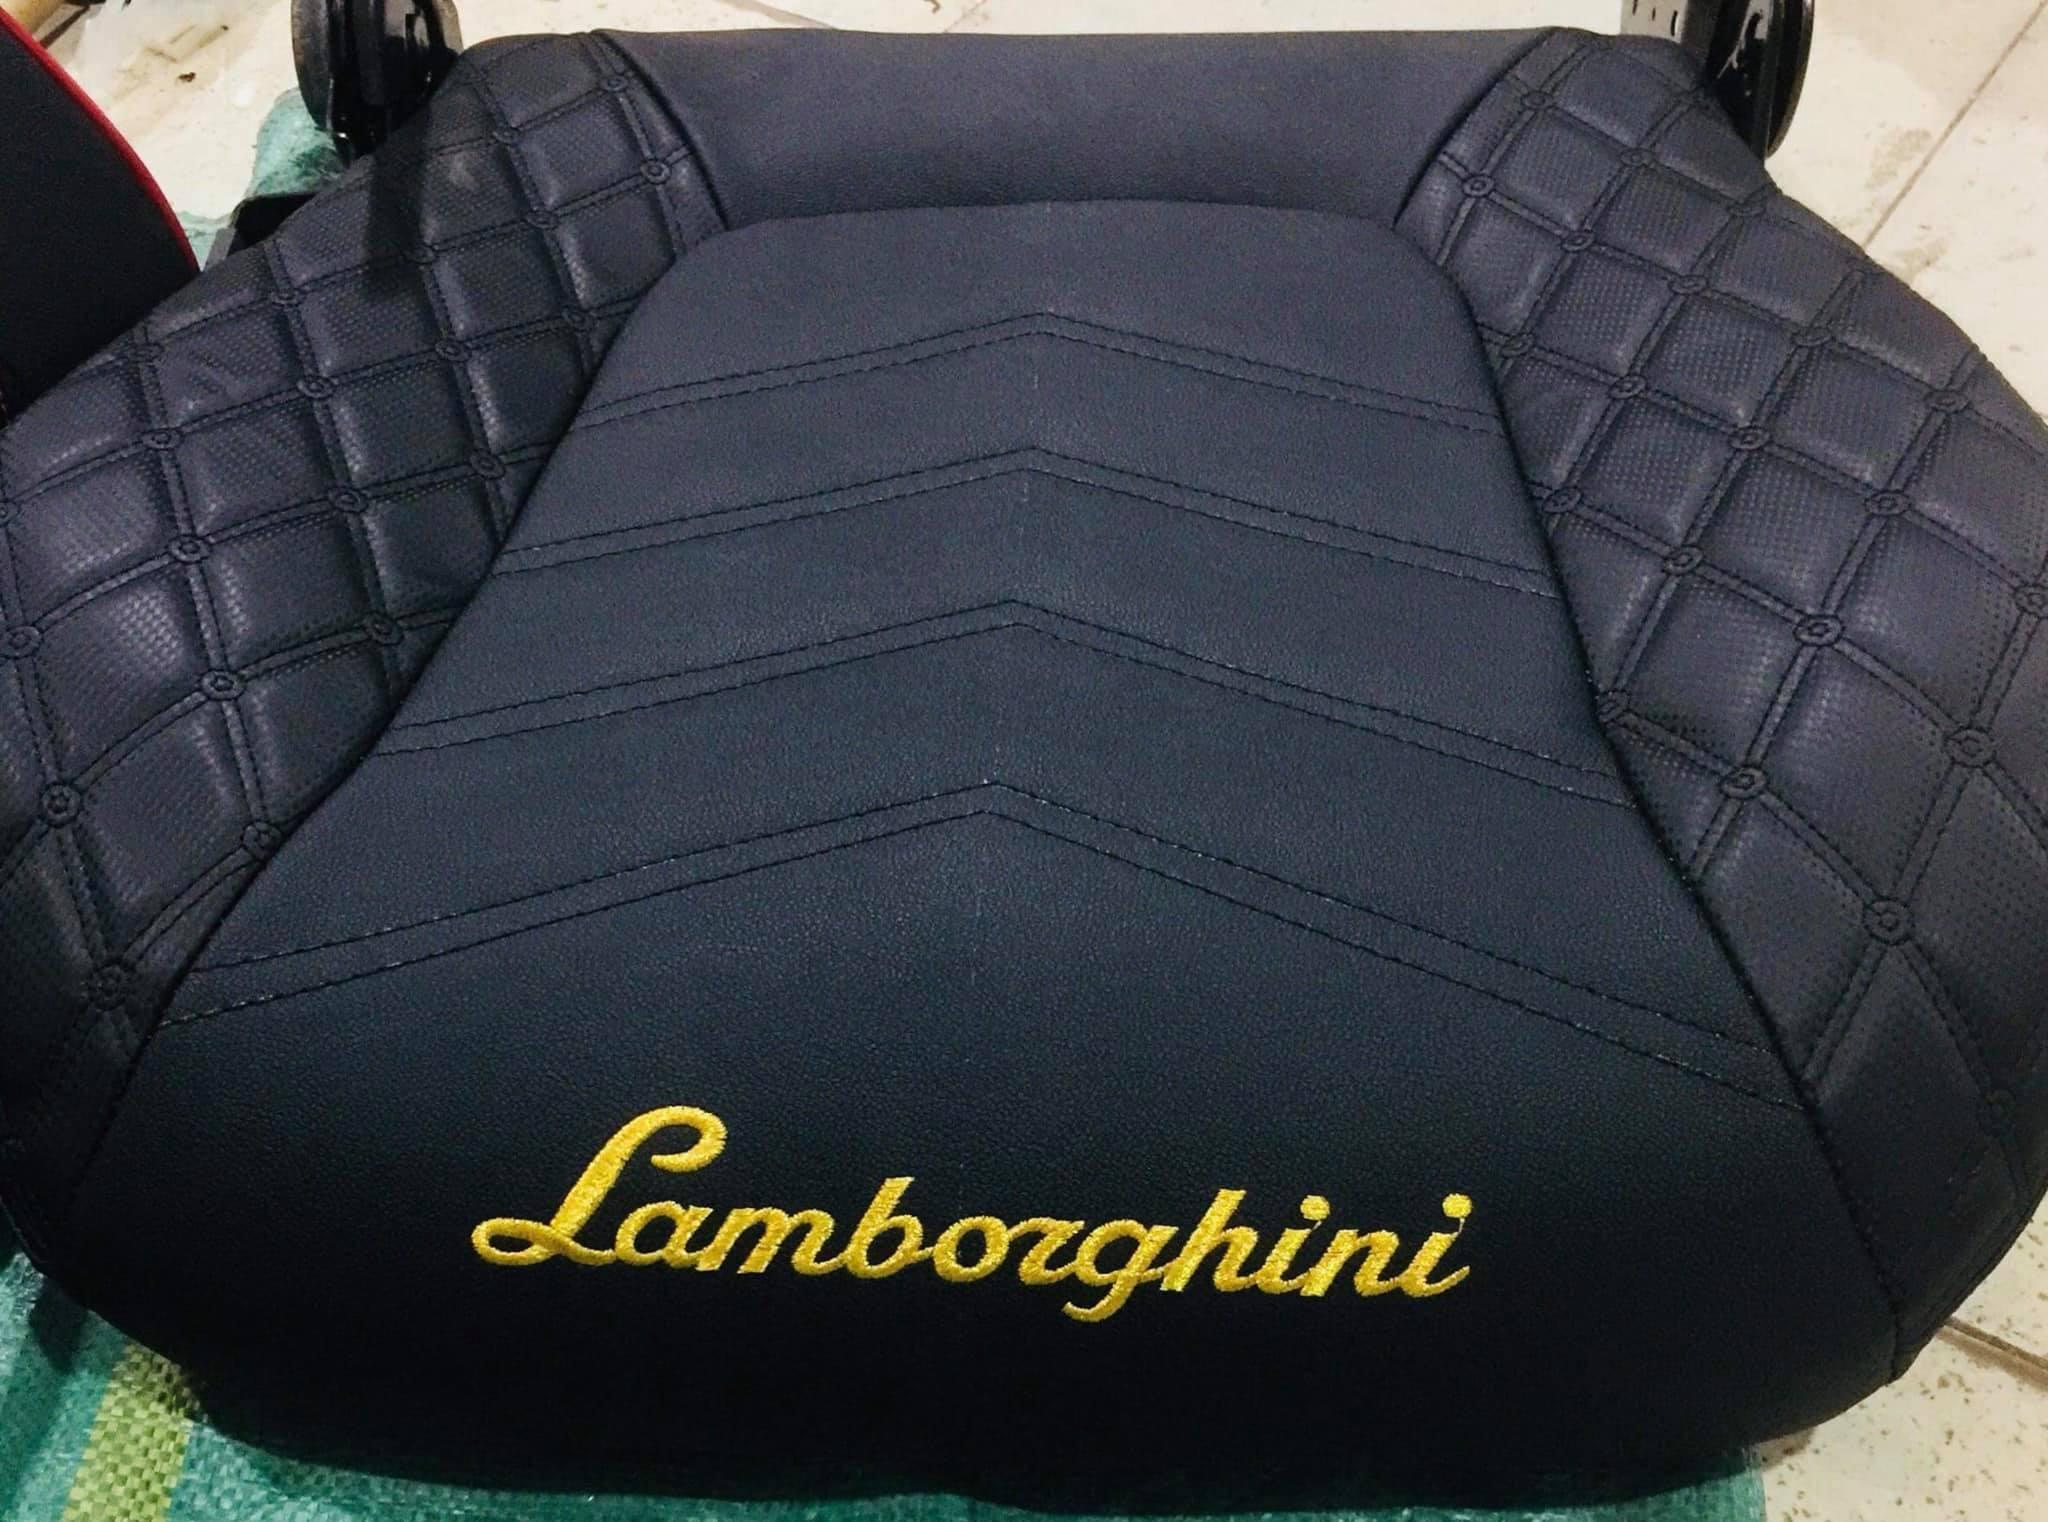 Trên mông dòng ghế cực ngầu Lamborghini